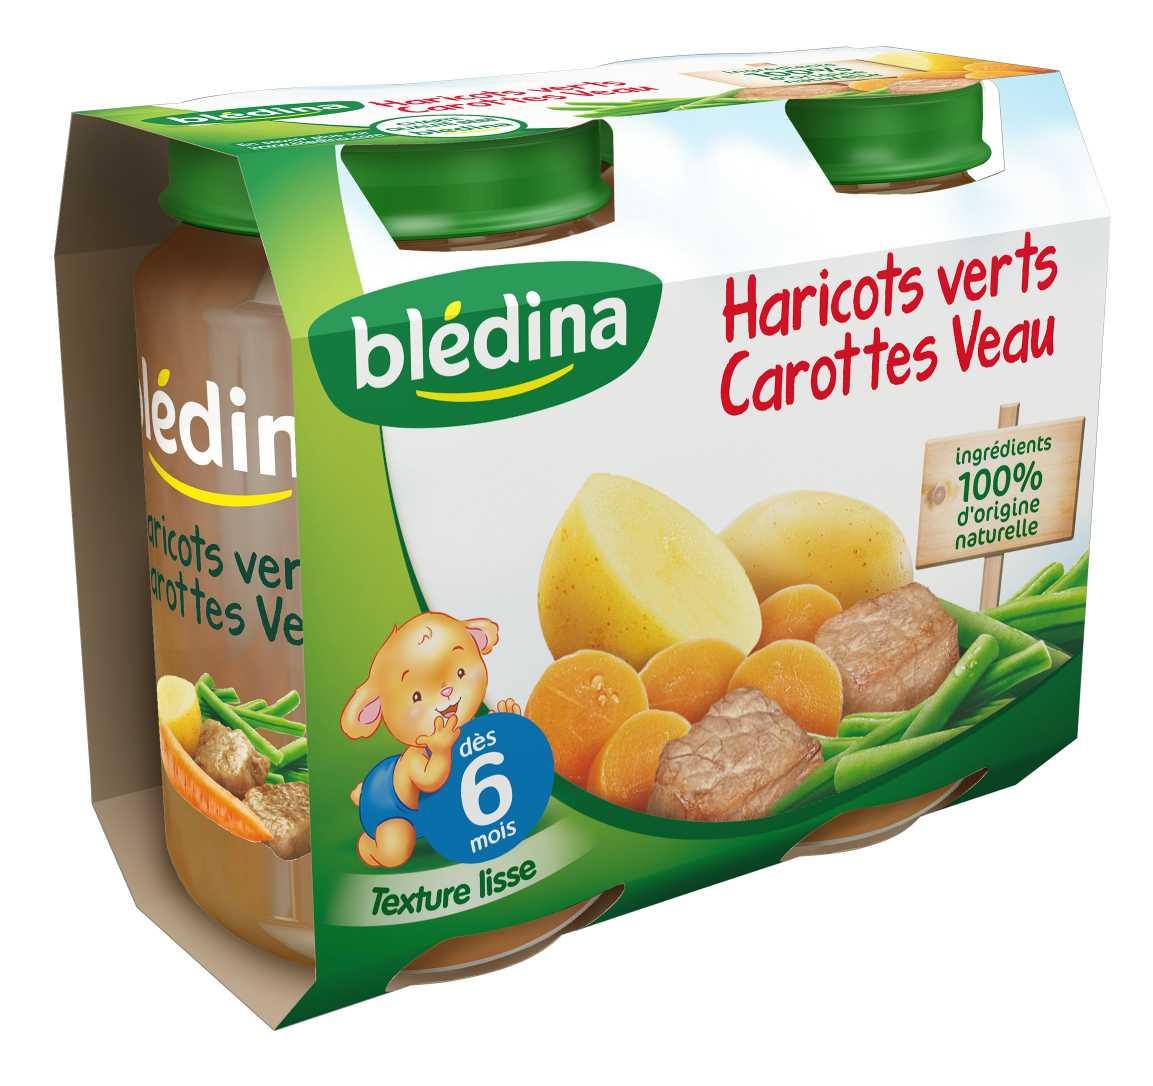 Pot Haricots verts Carottes Veau 2x200g BLEDINA